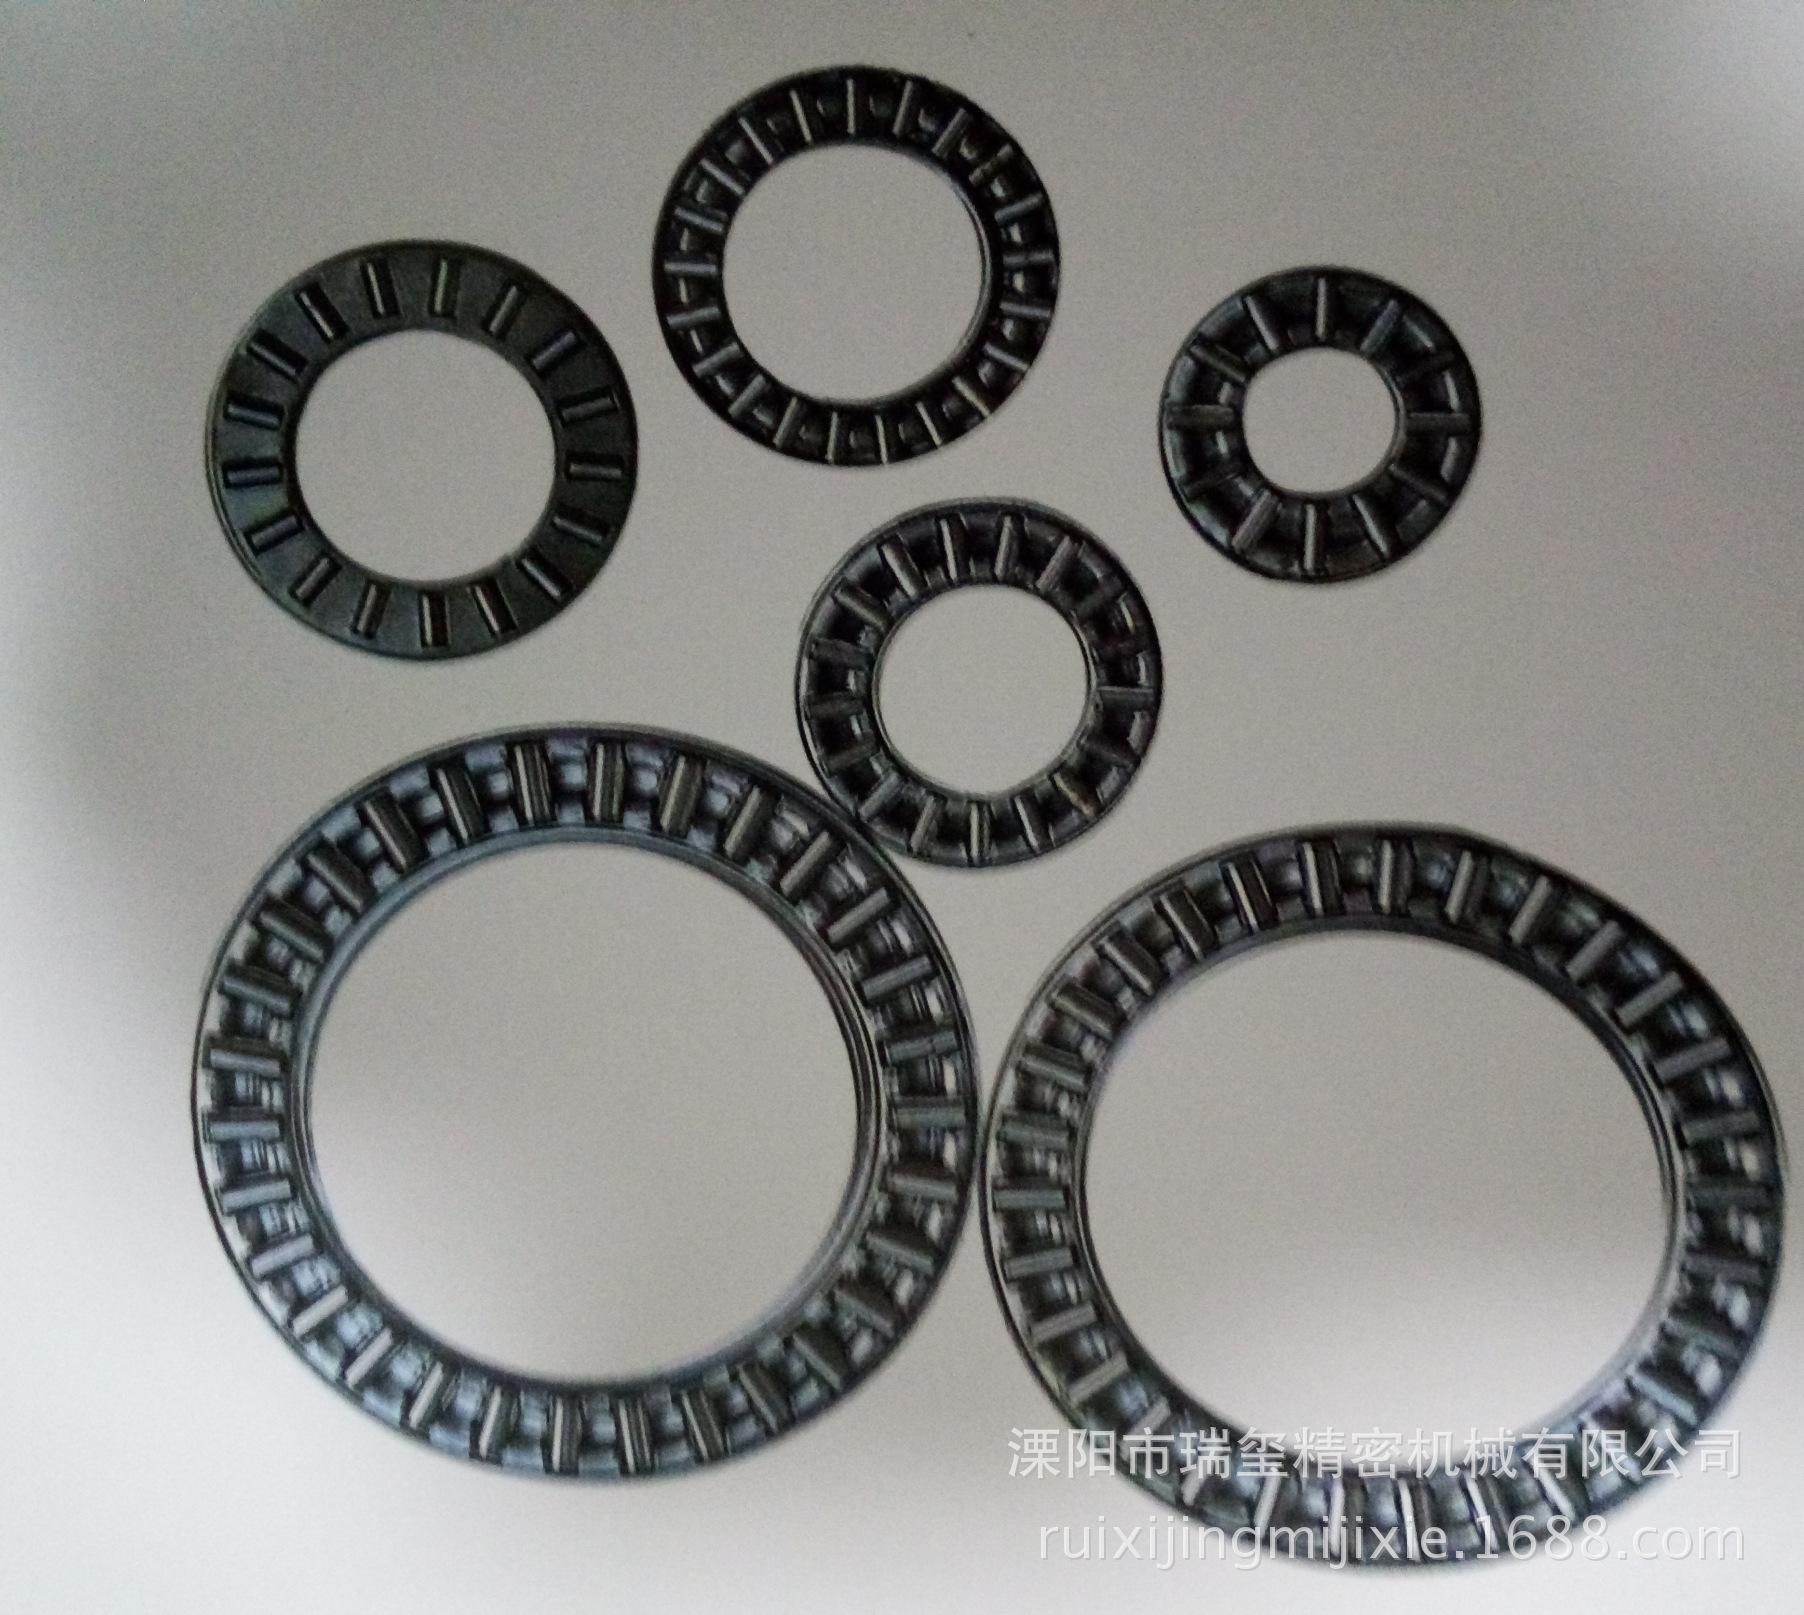 厂家现货供应 定制 不锈钢滚针轴承 滚针轴承 品质保证